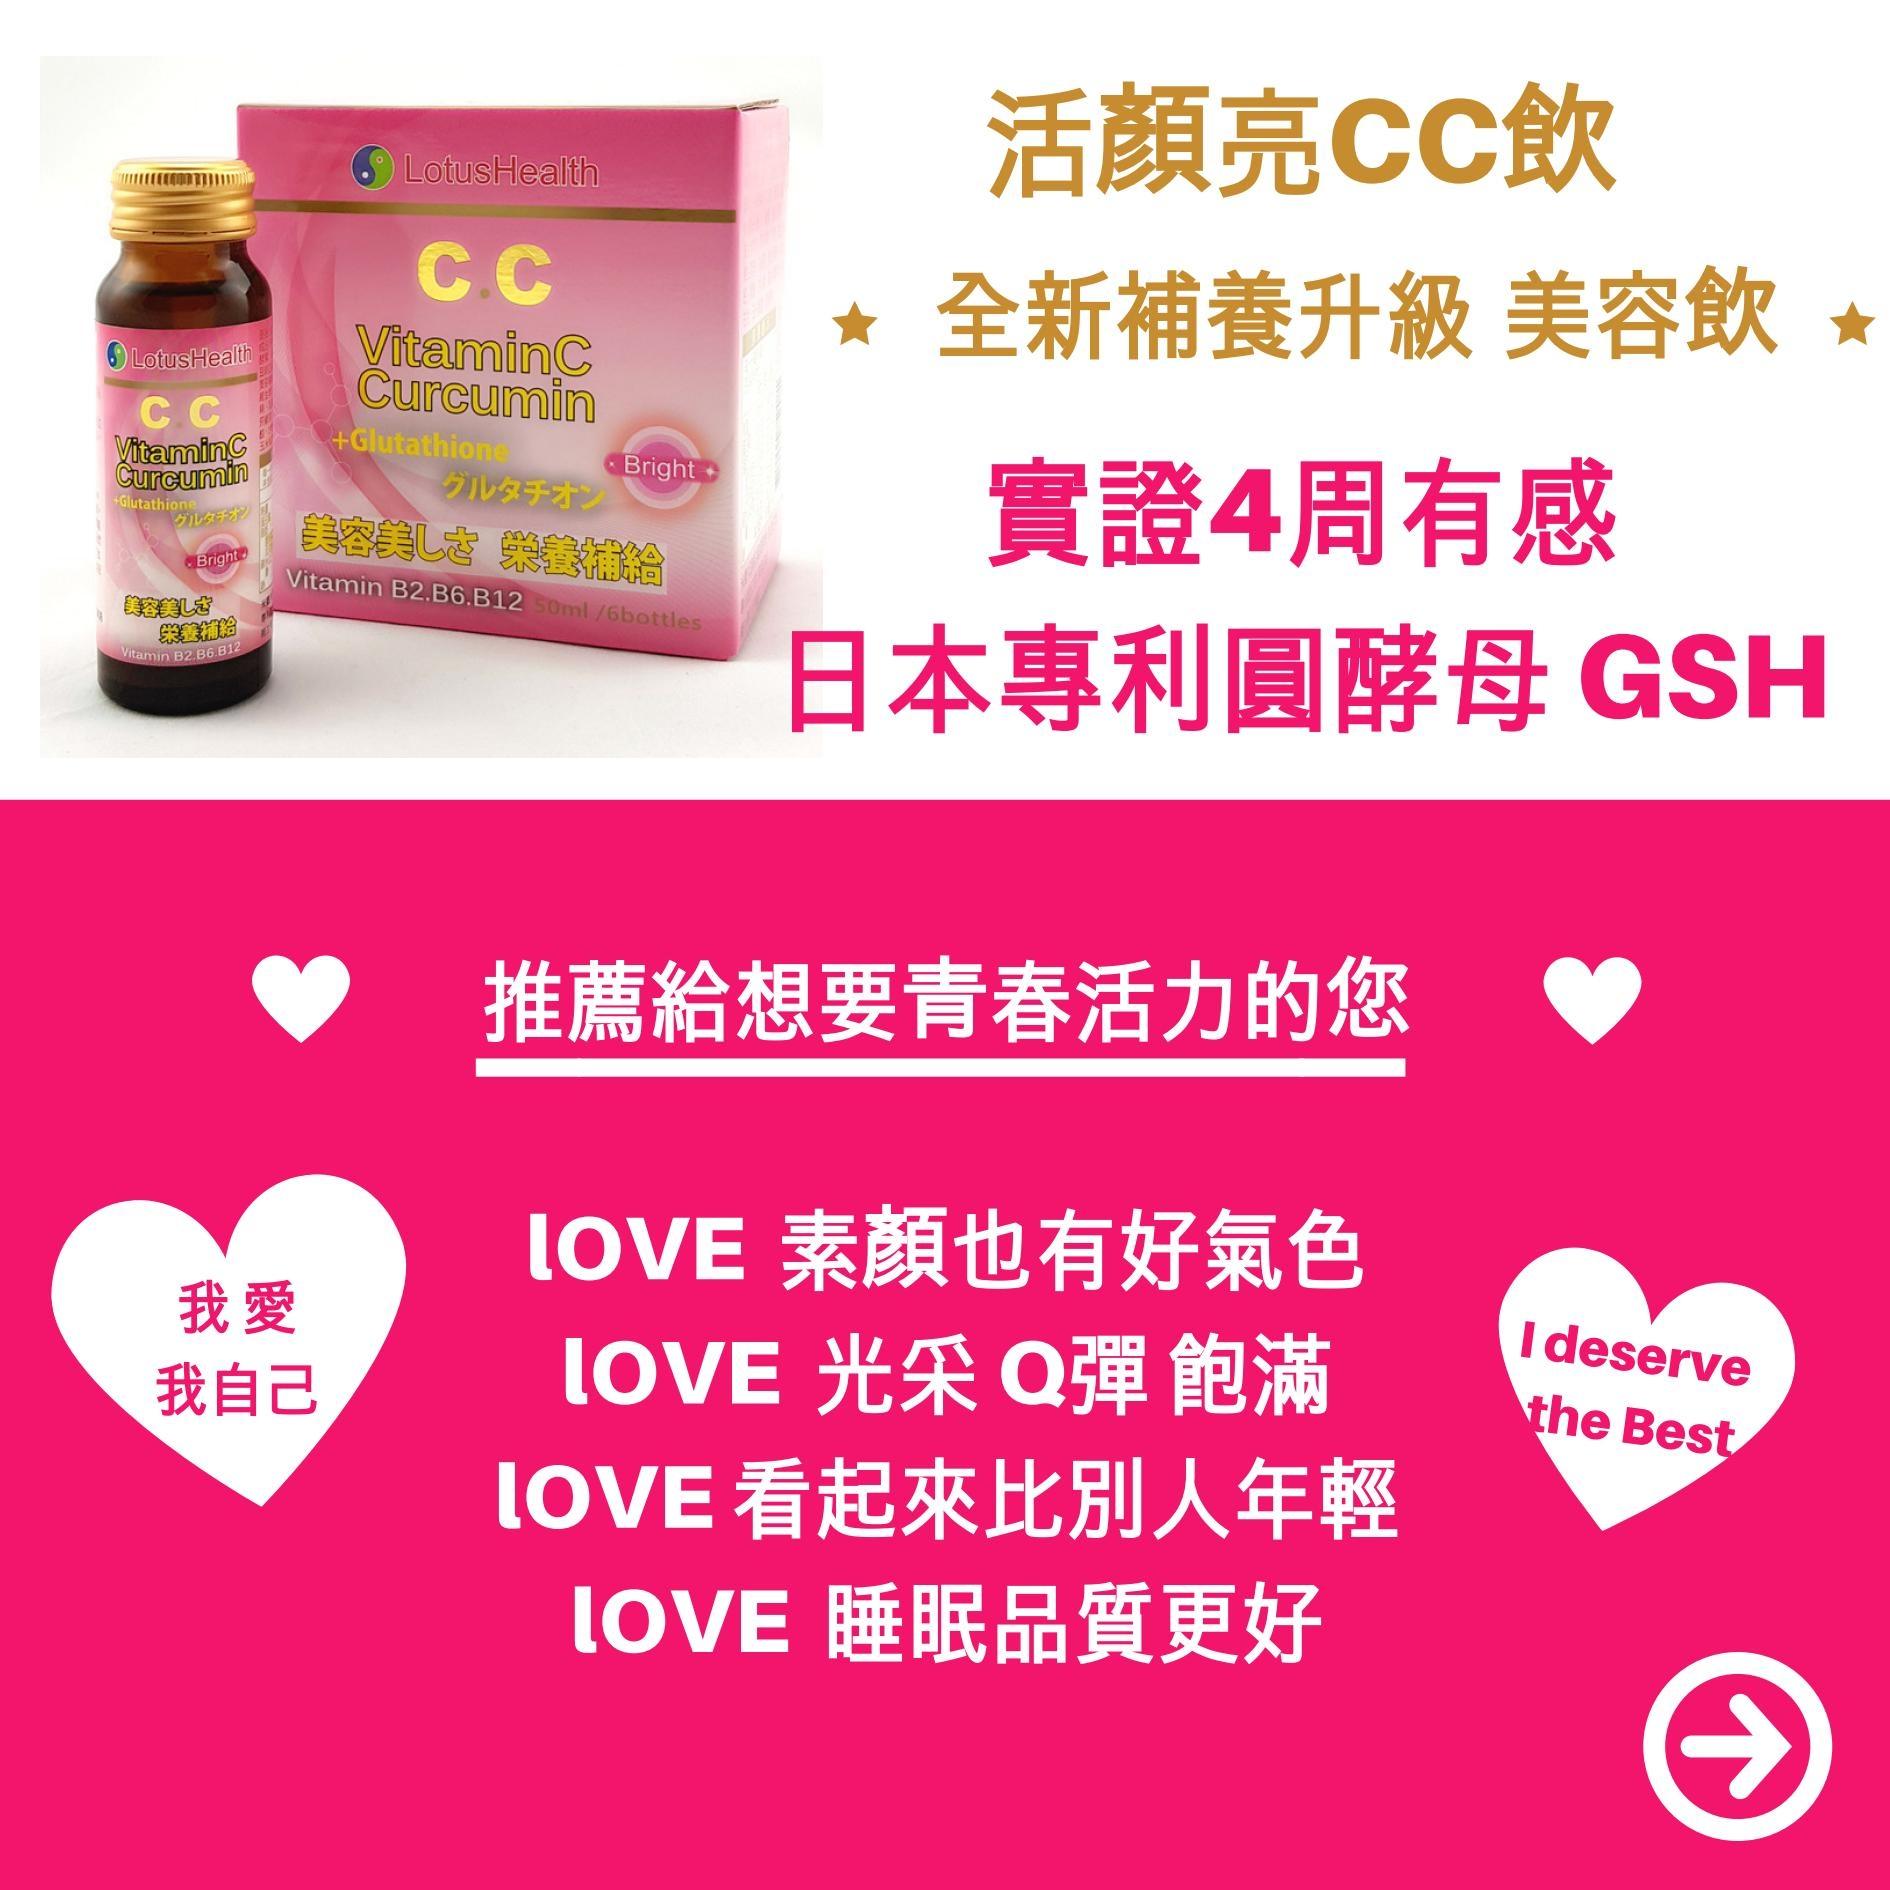 日本穀胱甘肽配方升級美容飲,部落客推薦,刺激生成膠原蛋白。